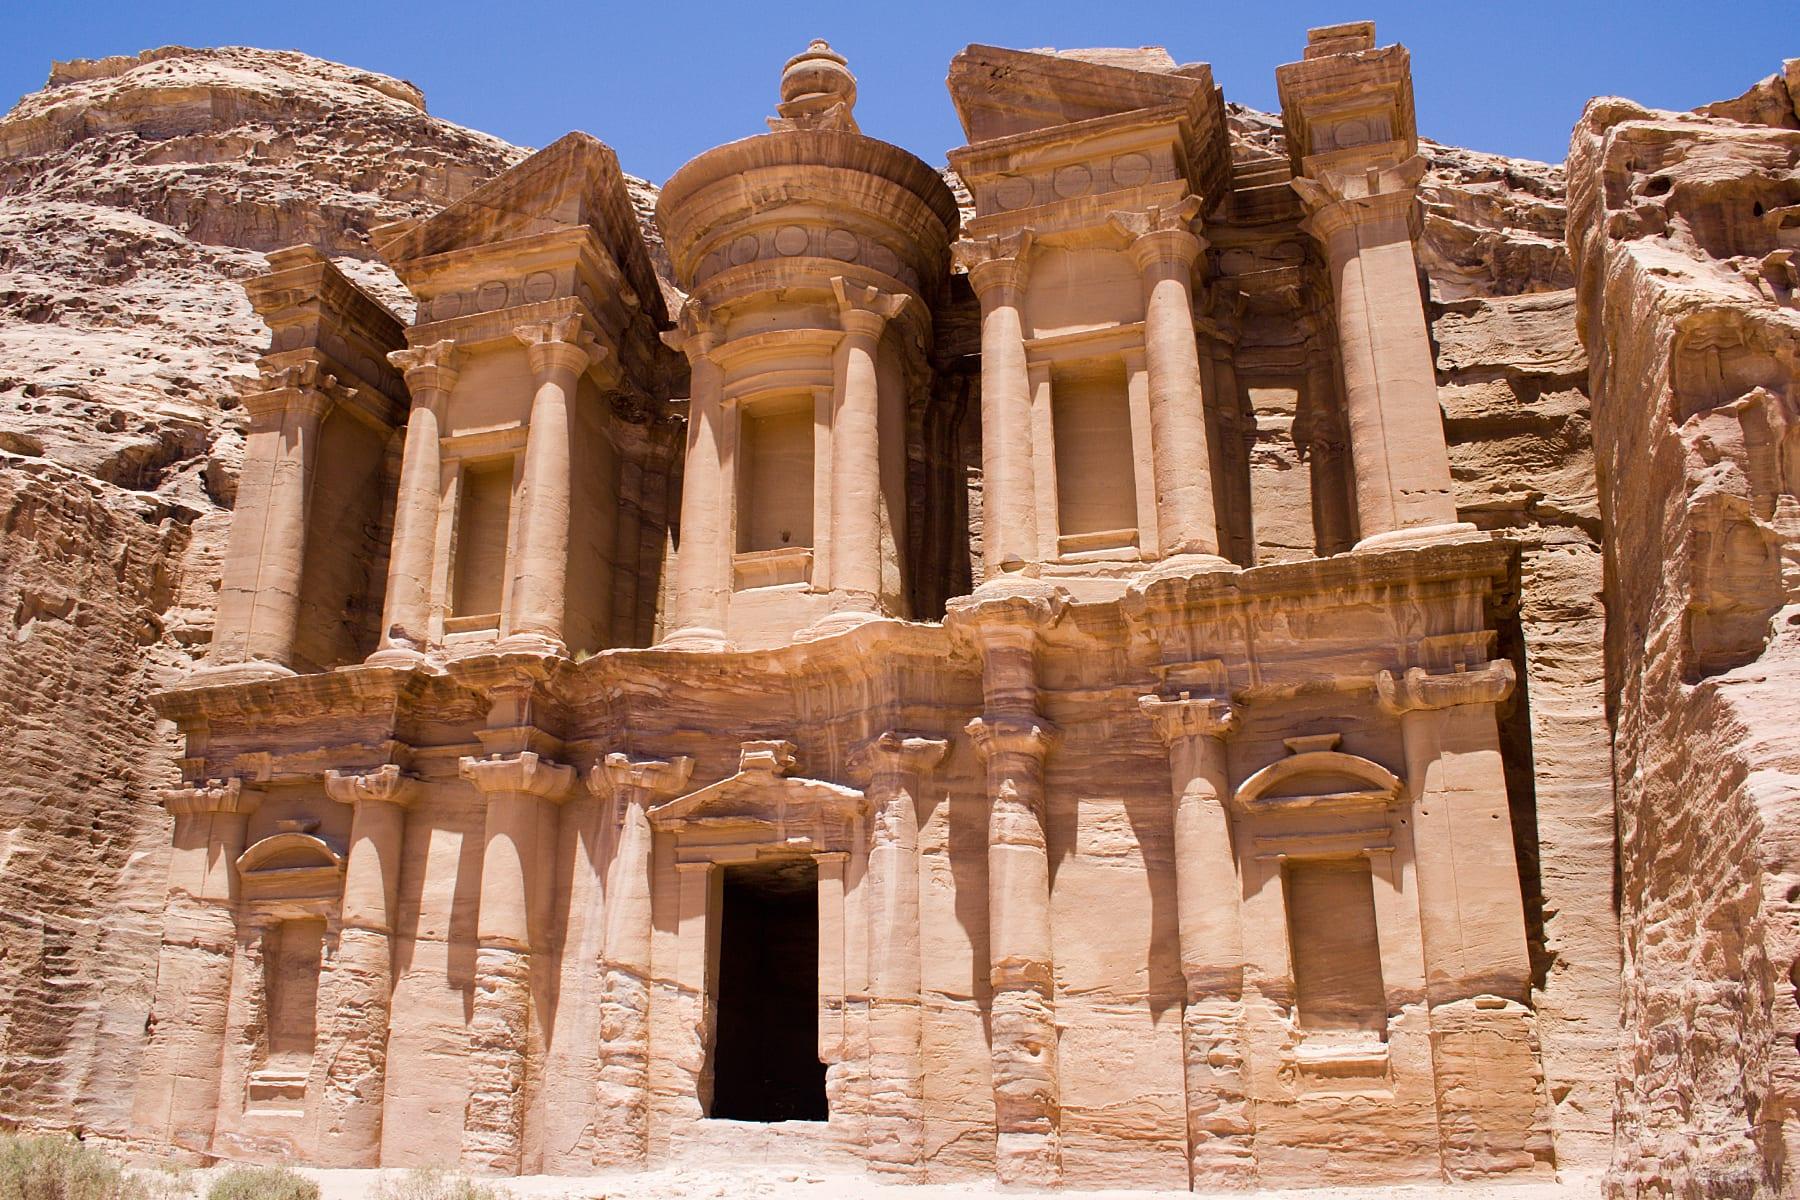 taxidi-iordania-wadi-rum